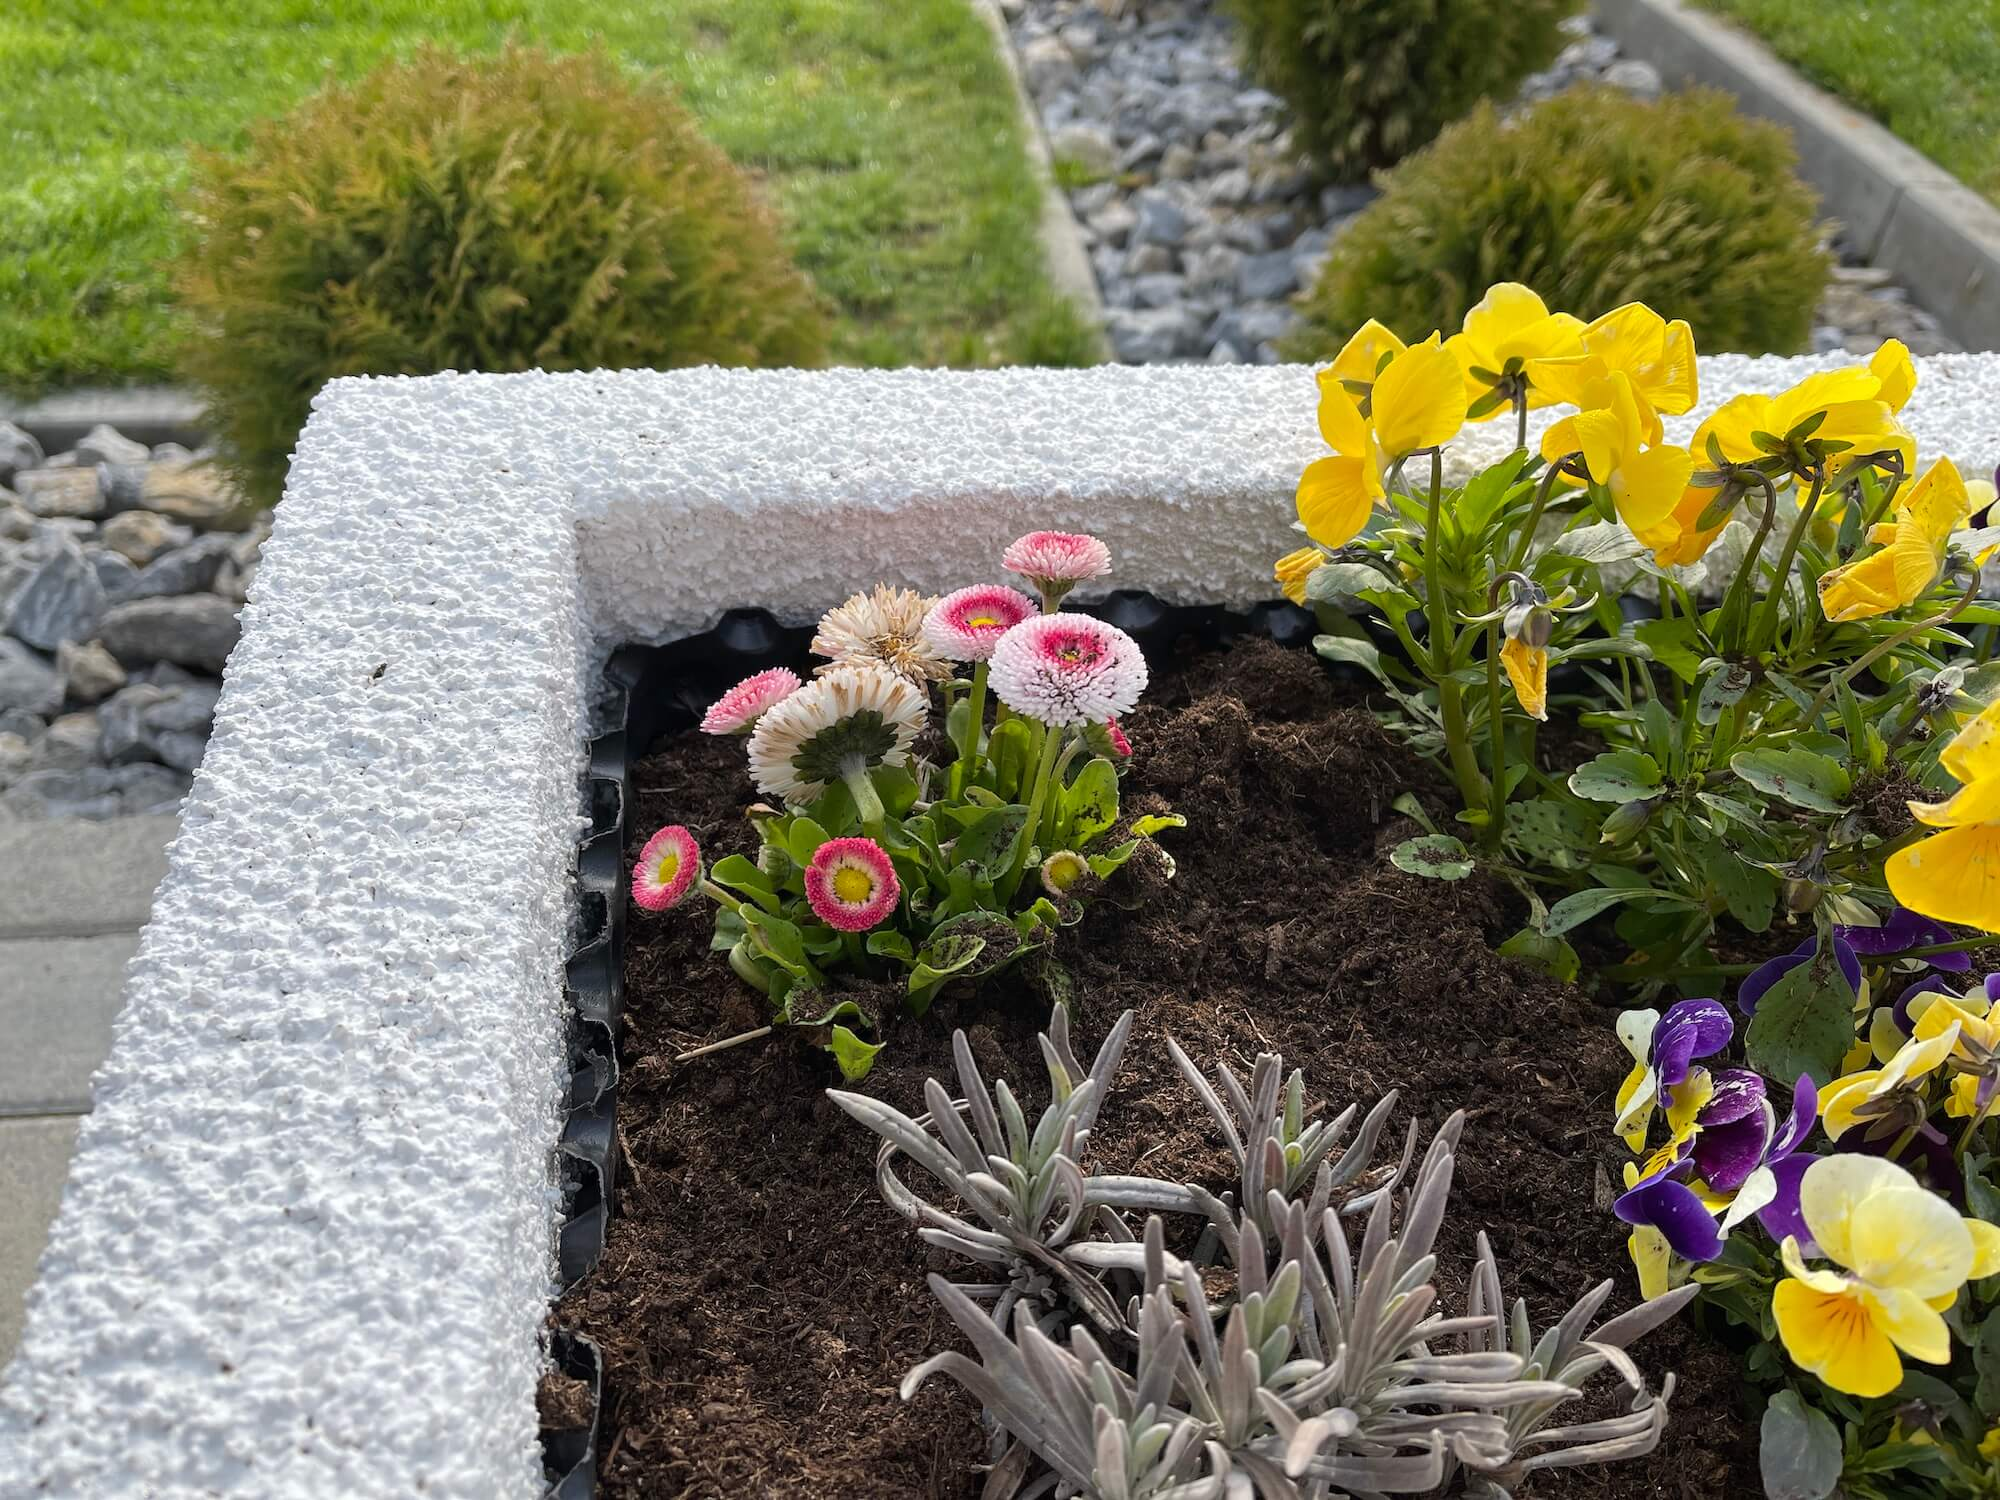 Die erste Blumen im erhöhten Beet